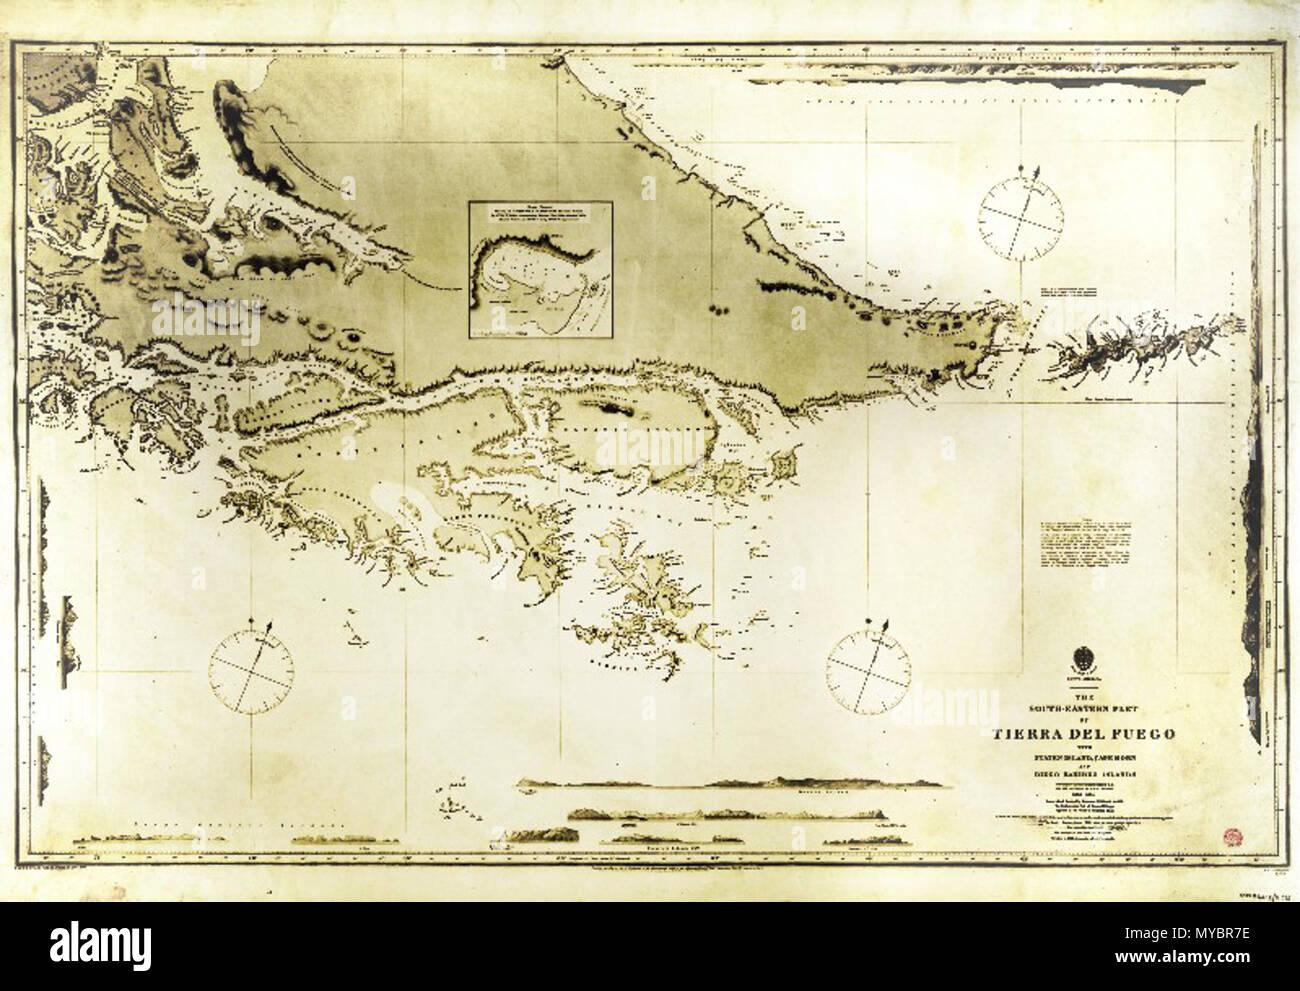 """. La parte sur de Tierra del Fuego, con el Cabo de Hornos, encuestados por el H.M.S. Beagle en 1830-34. El mapa original está en tonos de gris; los colores amarillento proceden de aumentar el contraste antes de cargar el mapa y se dejaron para mejor visibilidad mapa lee en la parte inferior derecha (entre otras): """"La parte sudoriental de la Isla Grande de Tierra del Fuego con la isla de Staten, Cabo de Hornos y las Islas Diego Ramírez. Encuestados por el capitán Robert Fitz Roy R.N. y los oficiales del H.M.S. Beagle. 1830-1834', según el uso previsto, este mapa en una mayor resolución puede obtenerse a partir de la fuente o la uplo Foto de stock"""